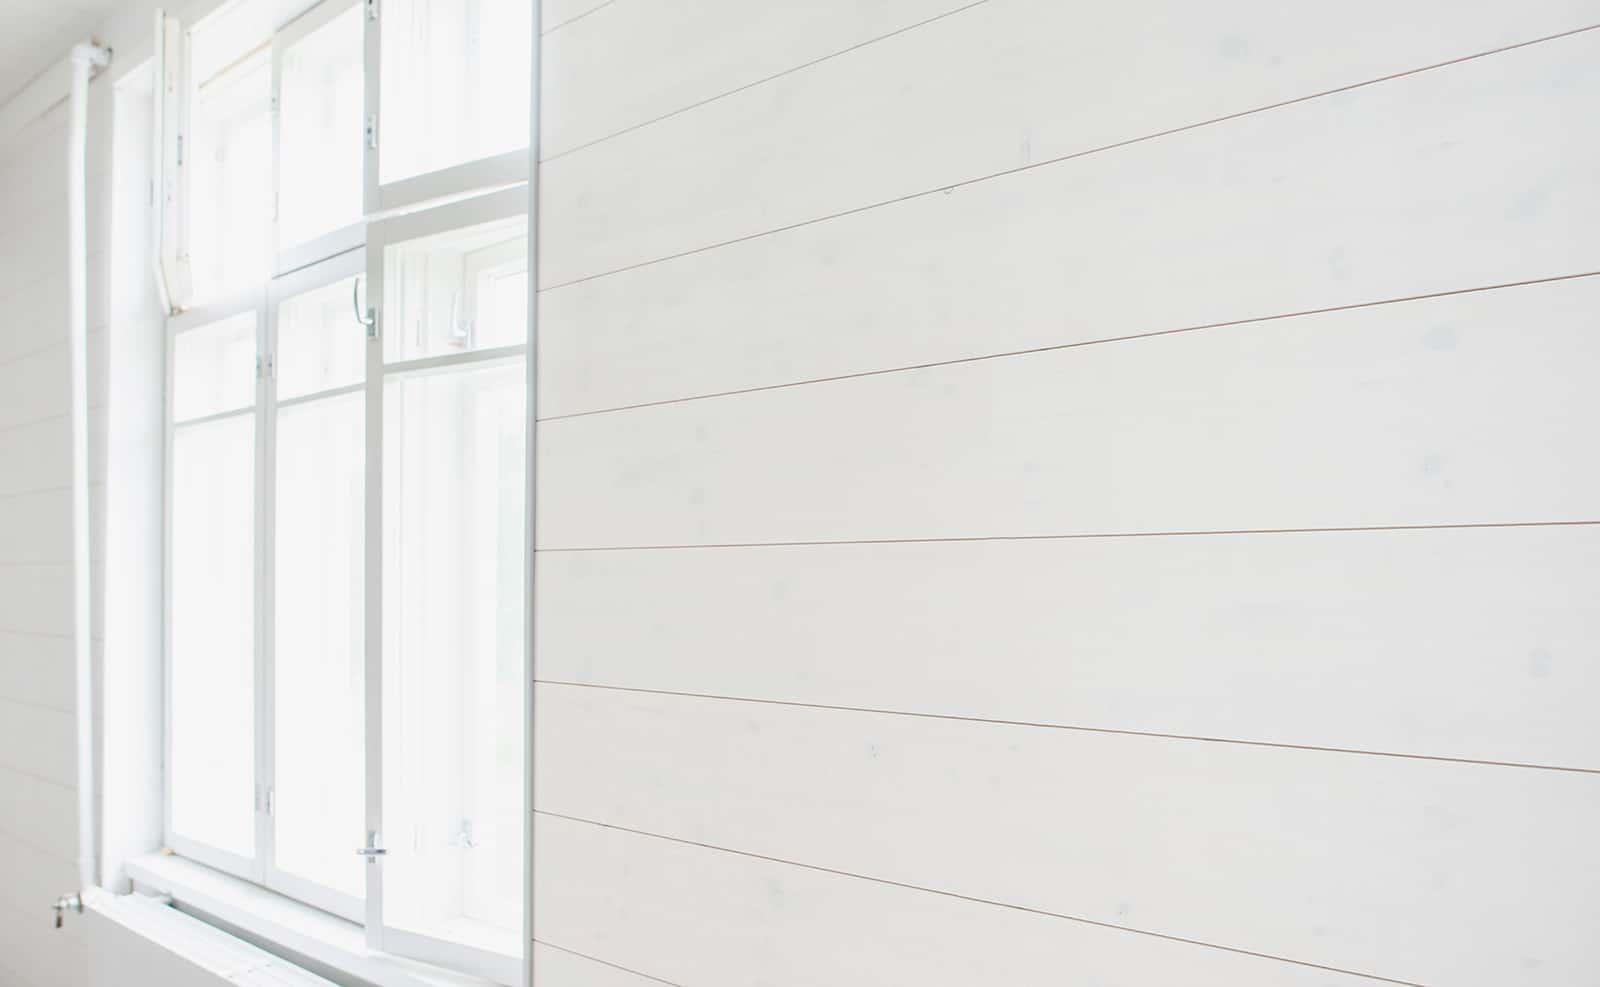 Siparila AITO-sisustuspaneeli 12x280, valkoinen, Hirvivuori